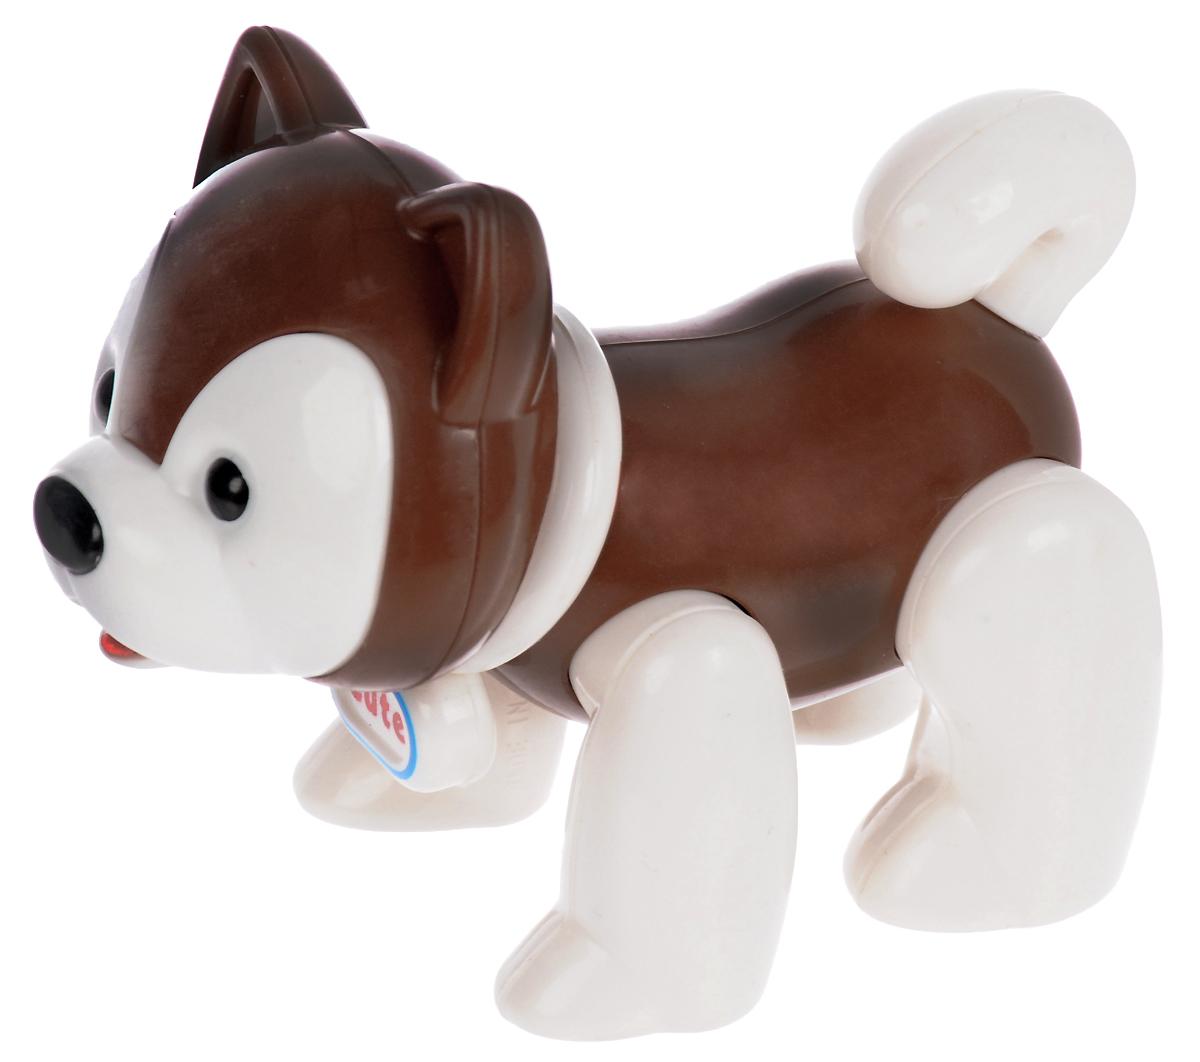 Ути Пути Развивающая игрушка Собачка игрушка триол игрушка гантель шипованная с лапками и косточками для собак 721002